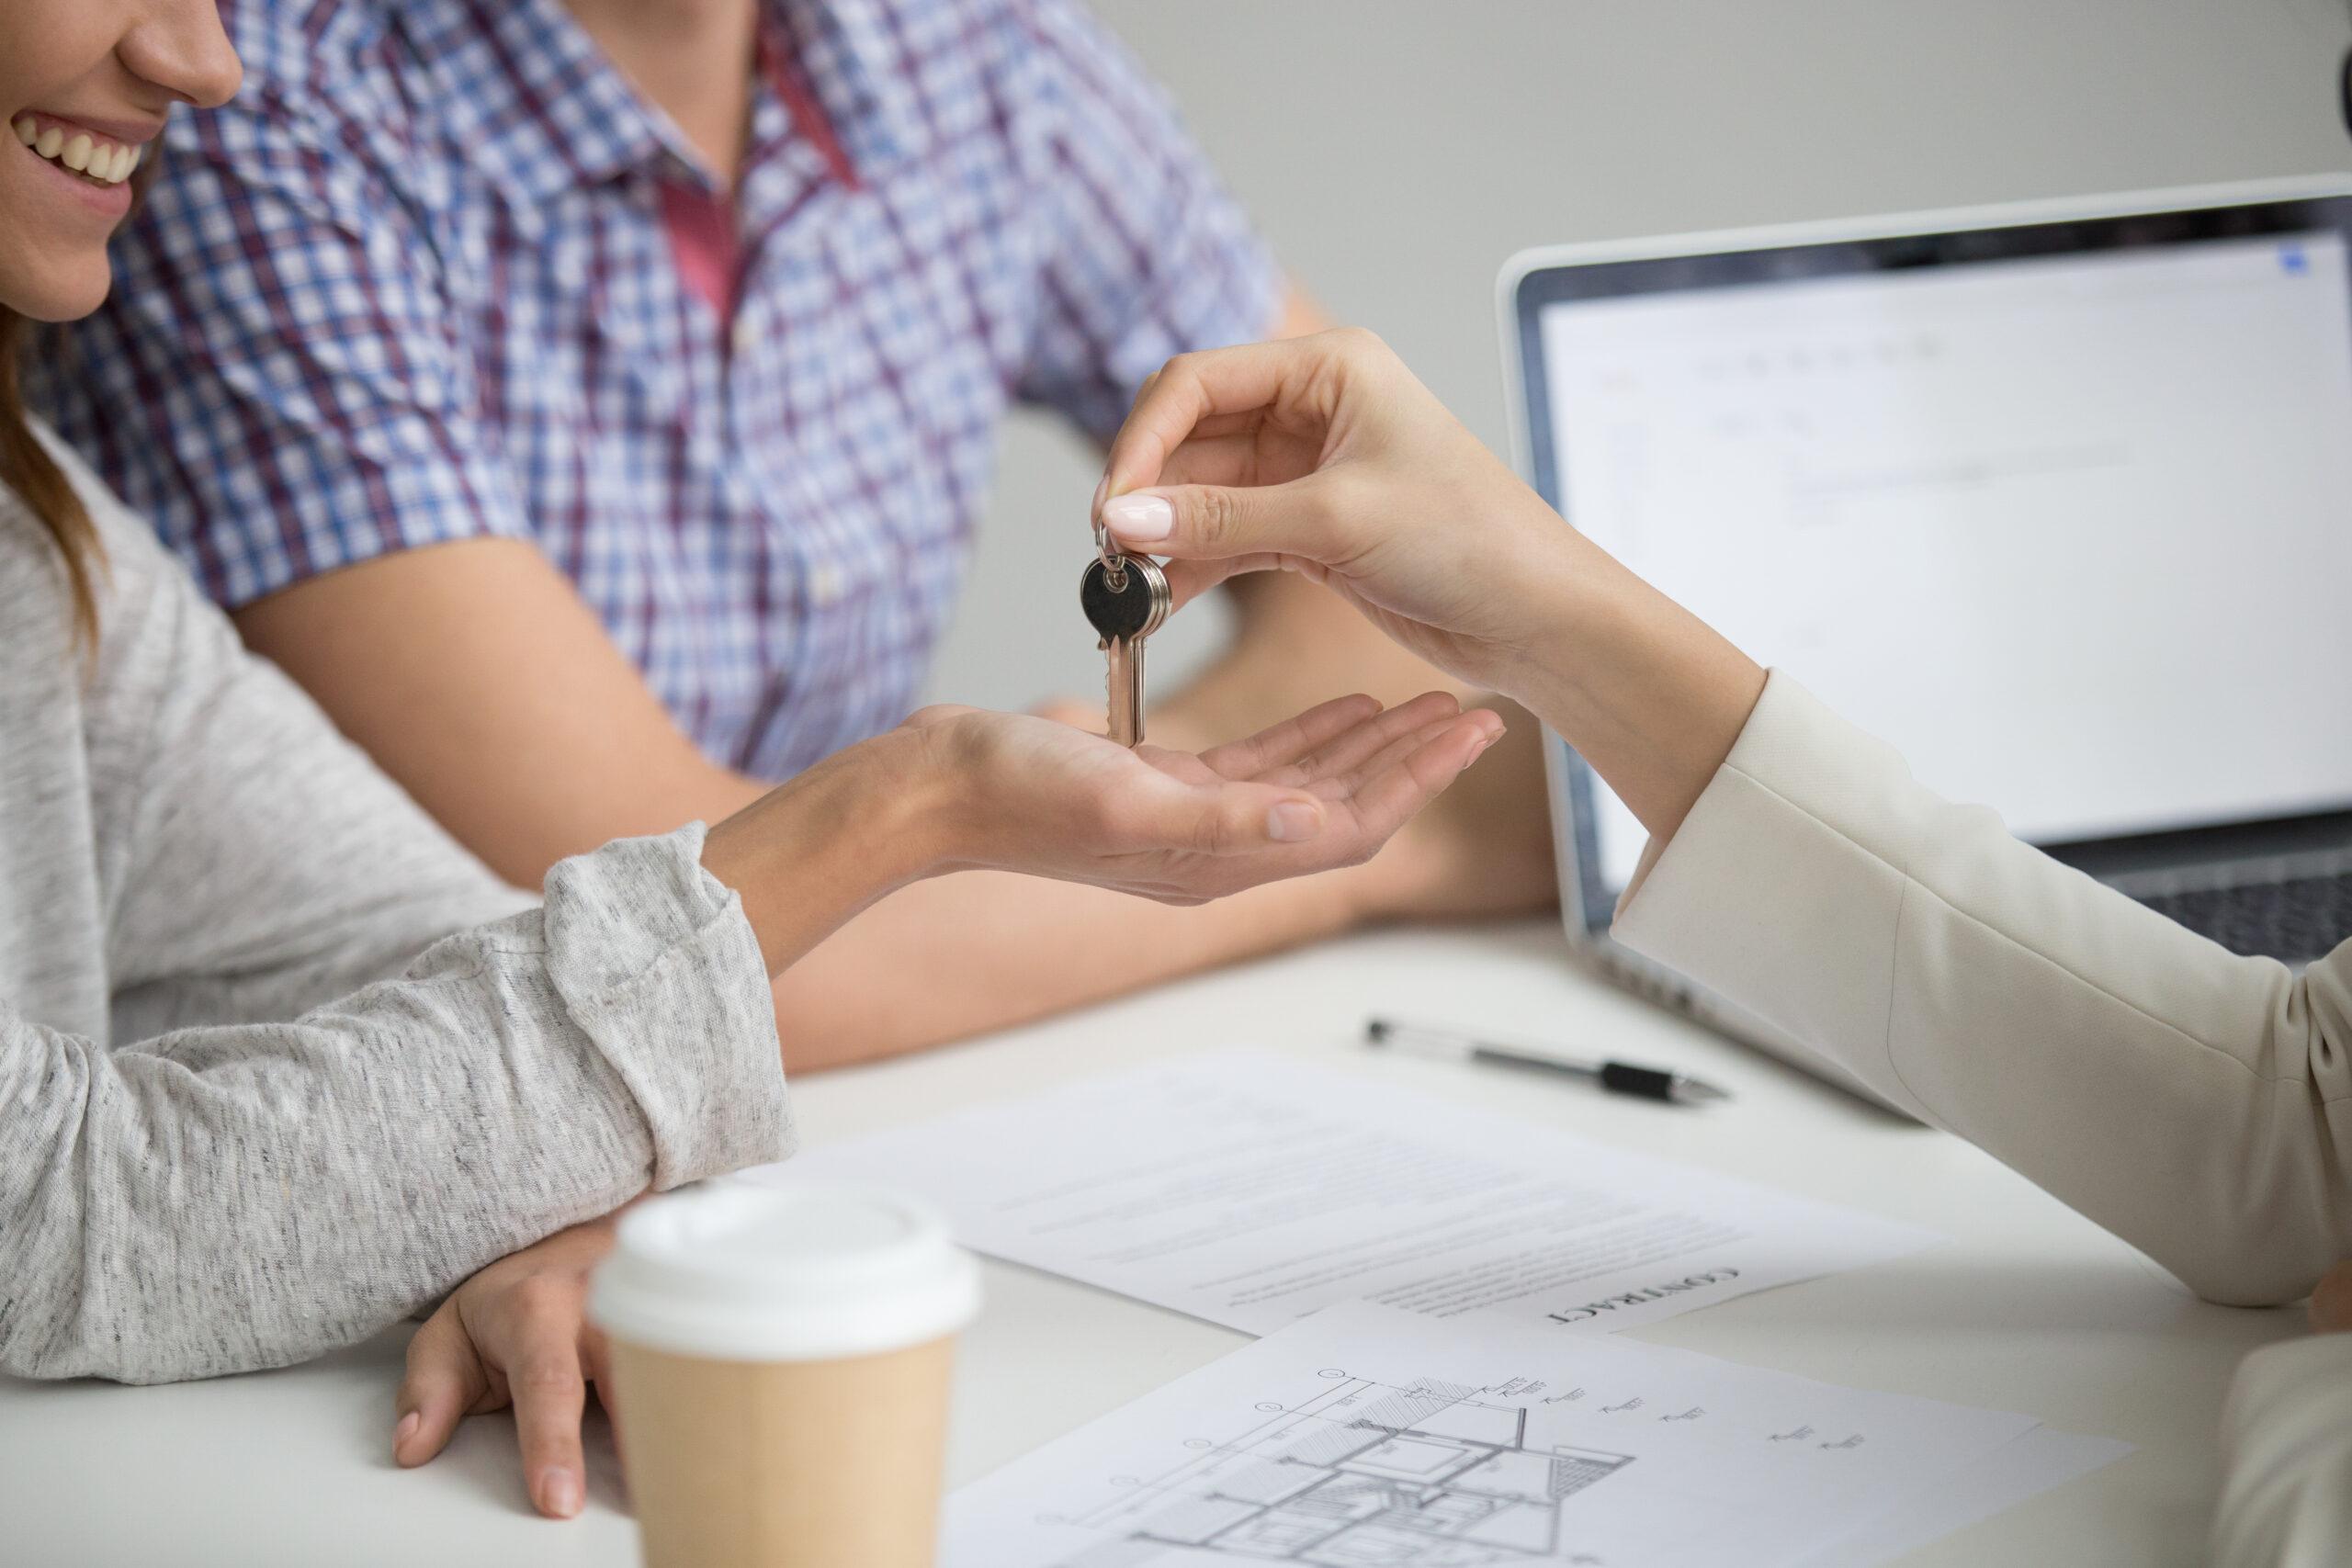 La compraventa de viviendas se dispara un 53,5% en julio y firma el mejor dato desde el boom de 2008